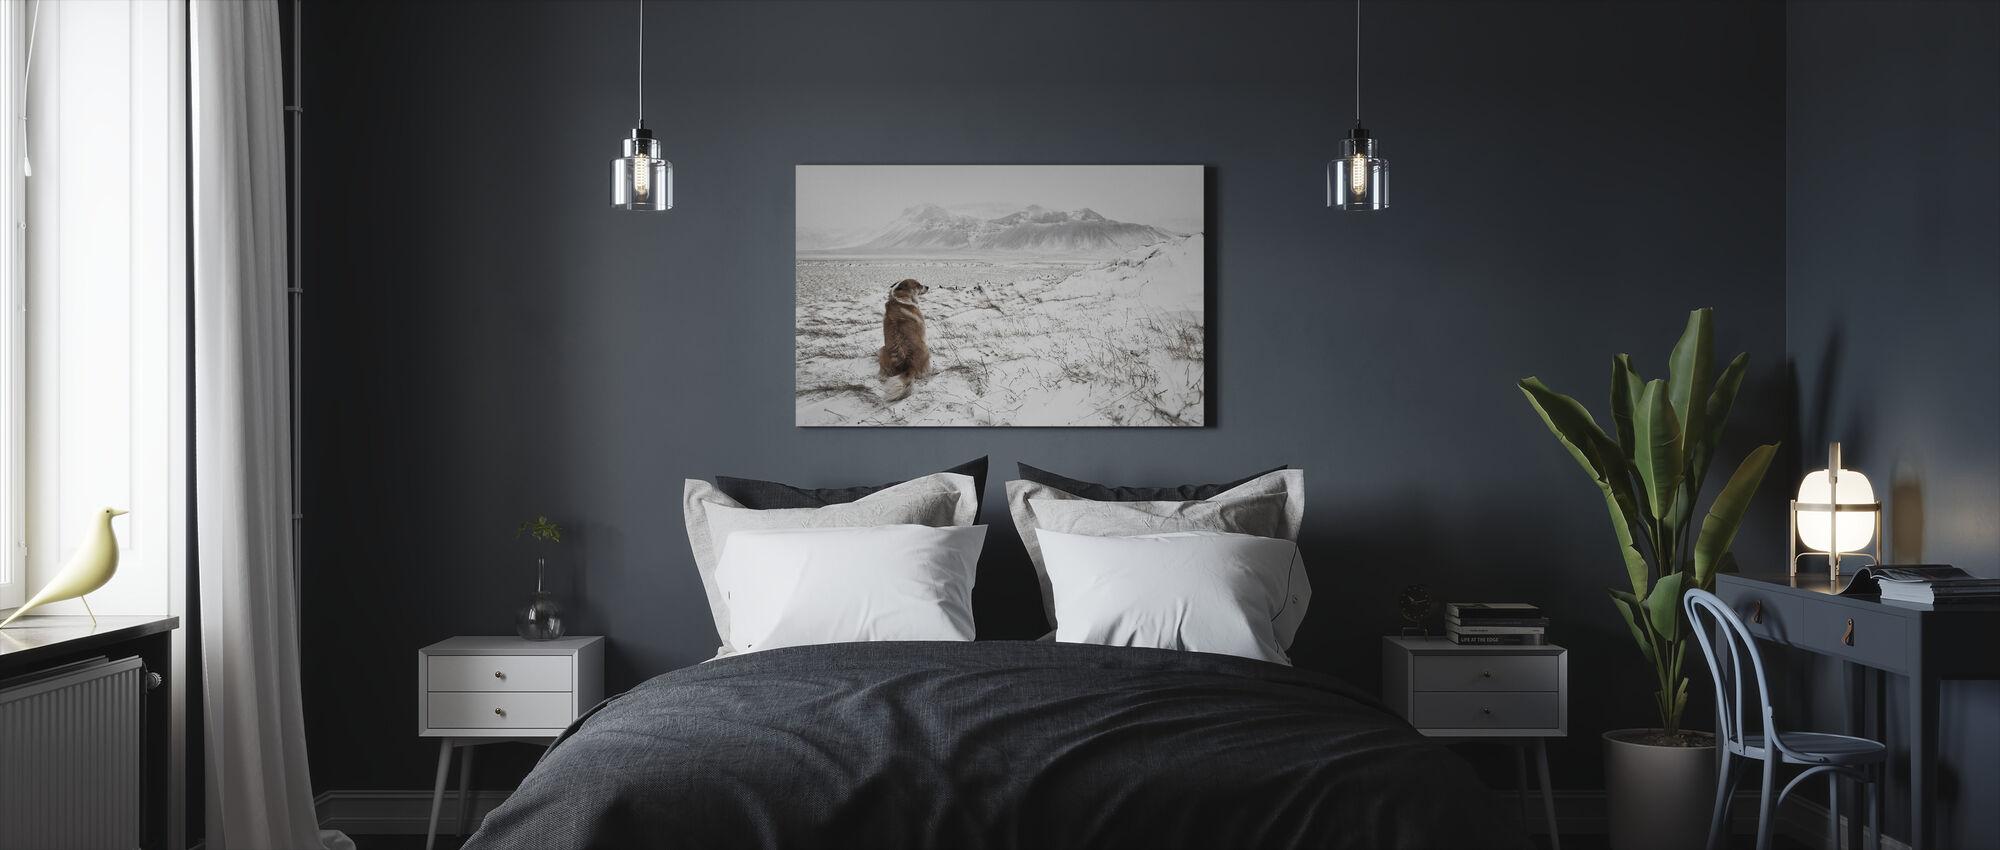 Snowstorm - Canvas print - Bedroom